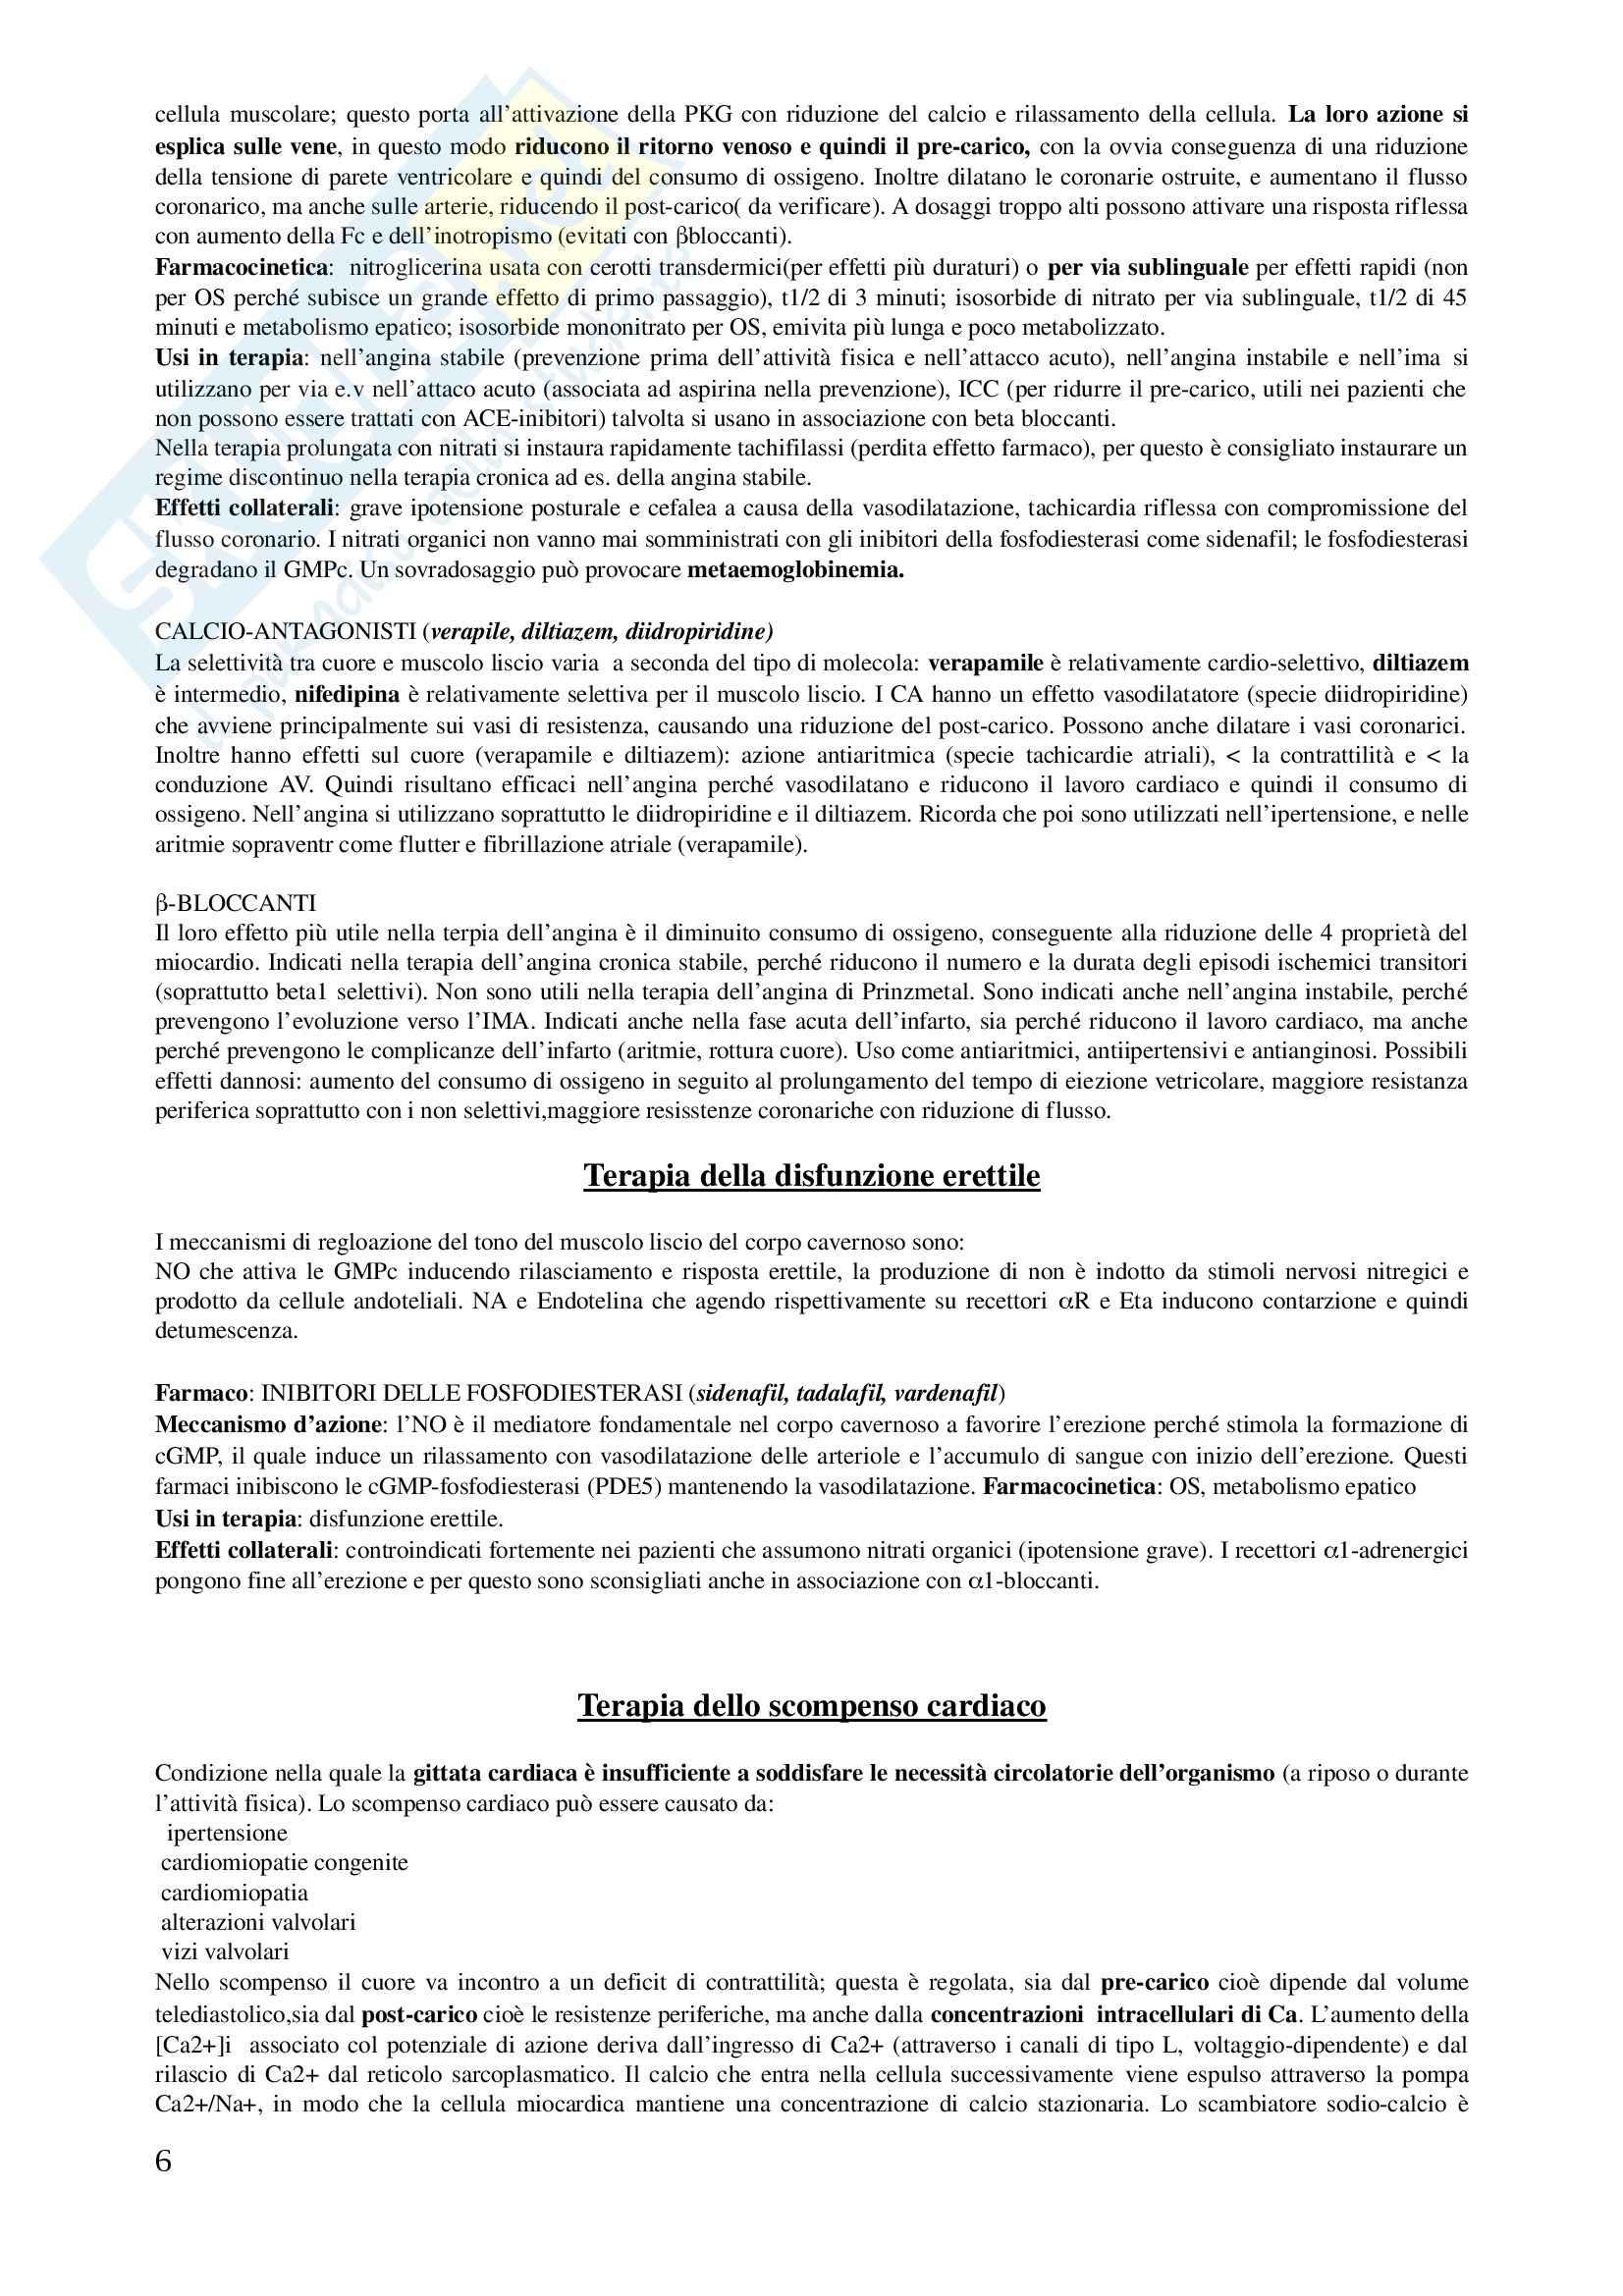 Basi Farmacologiche dellla Terapia II - Appunti Pag. 6